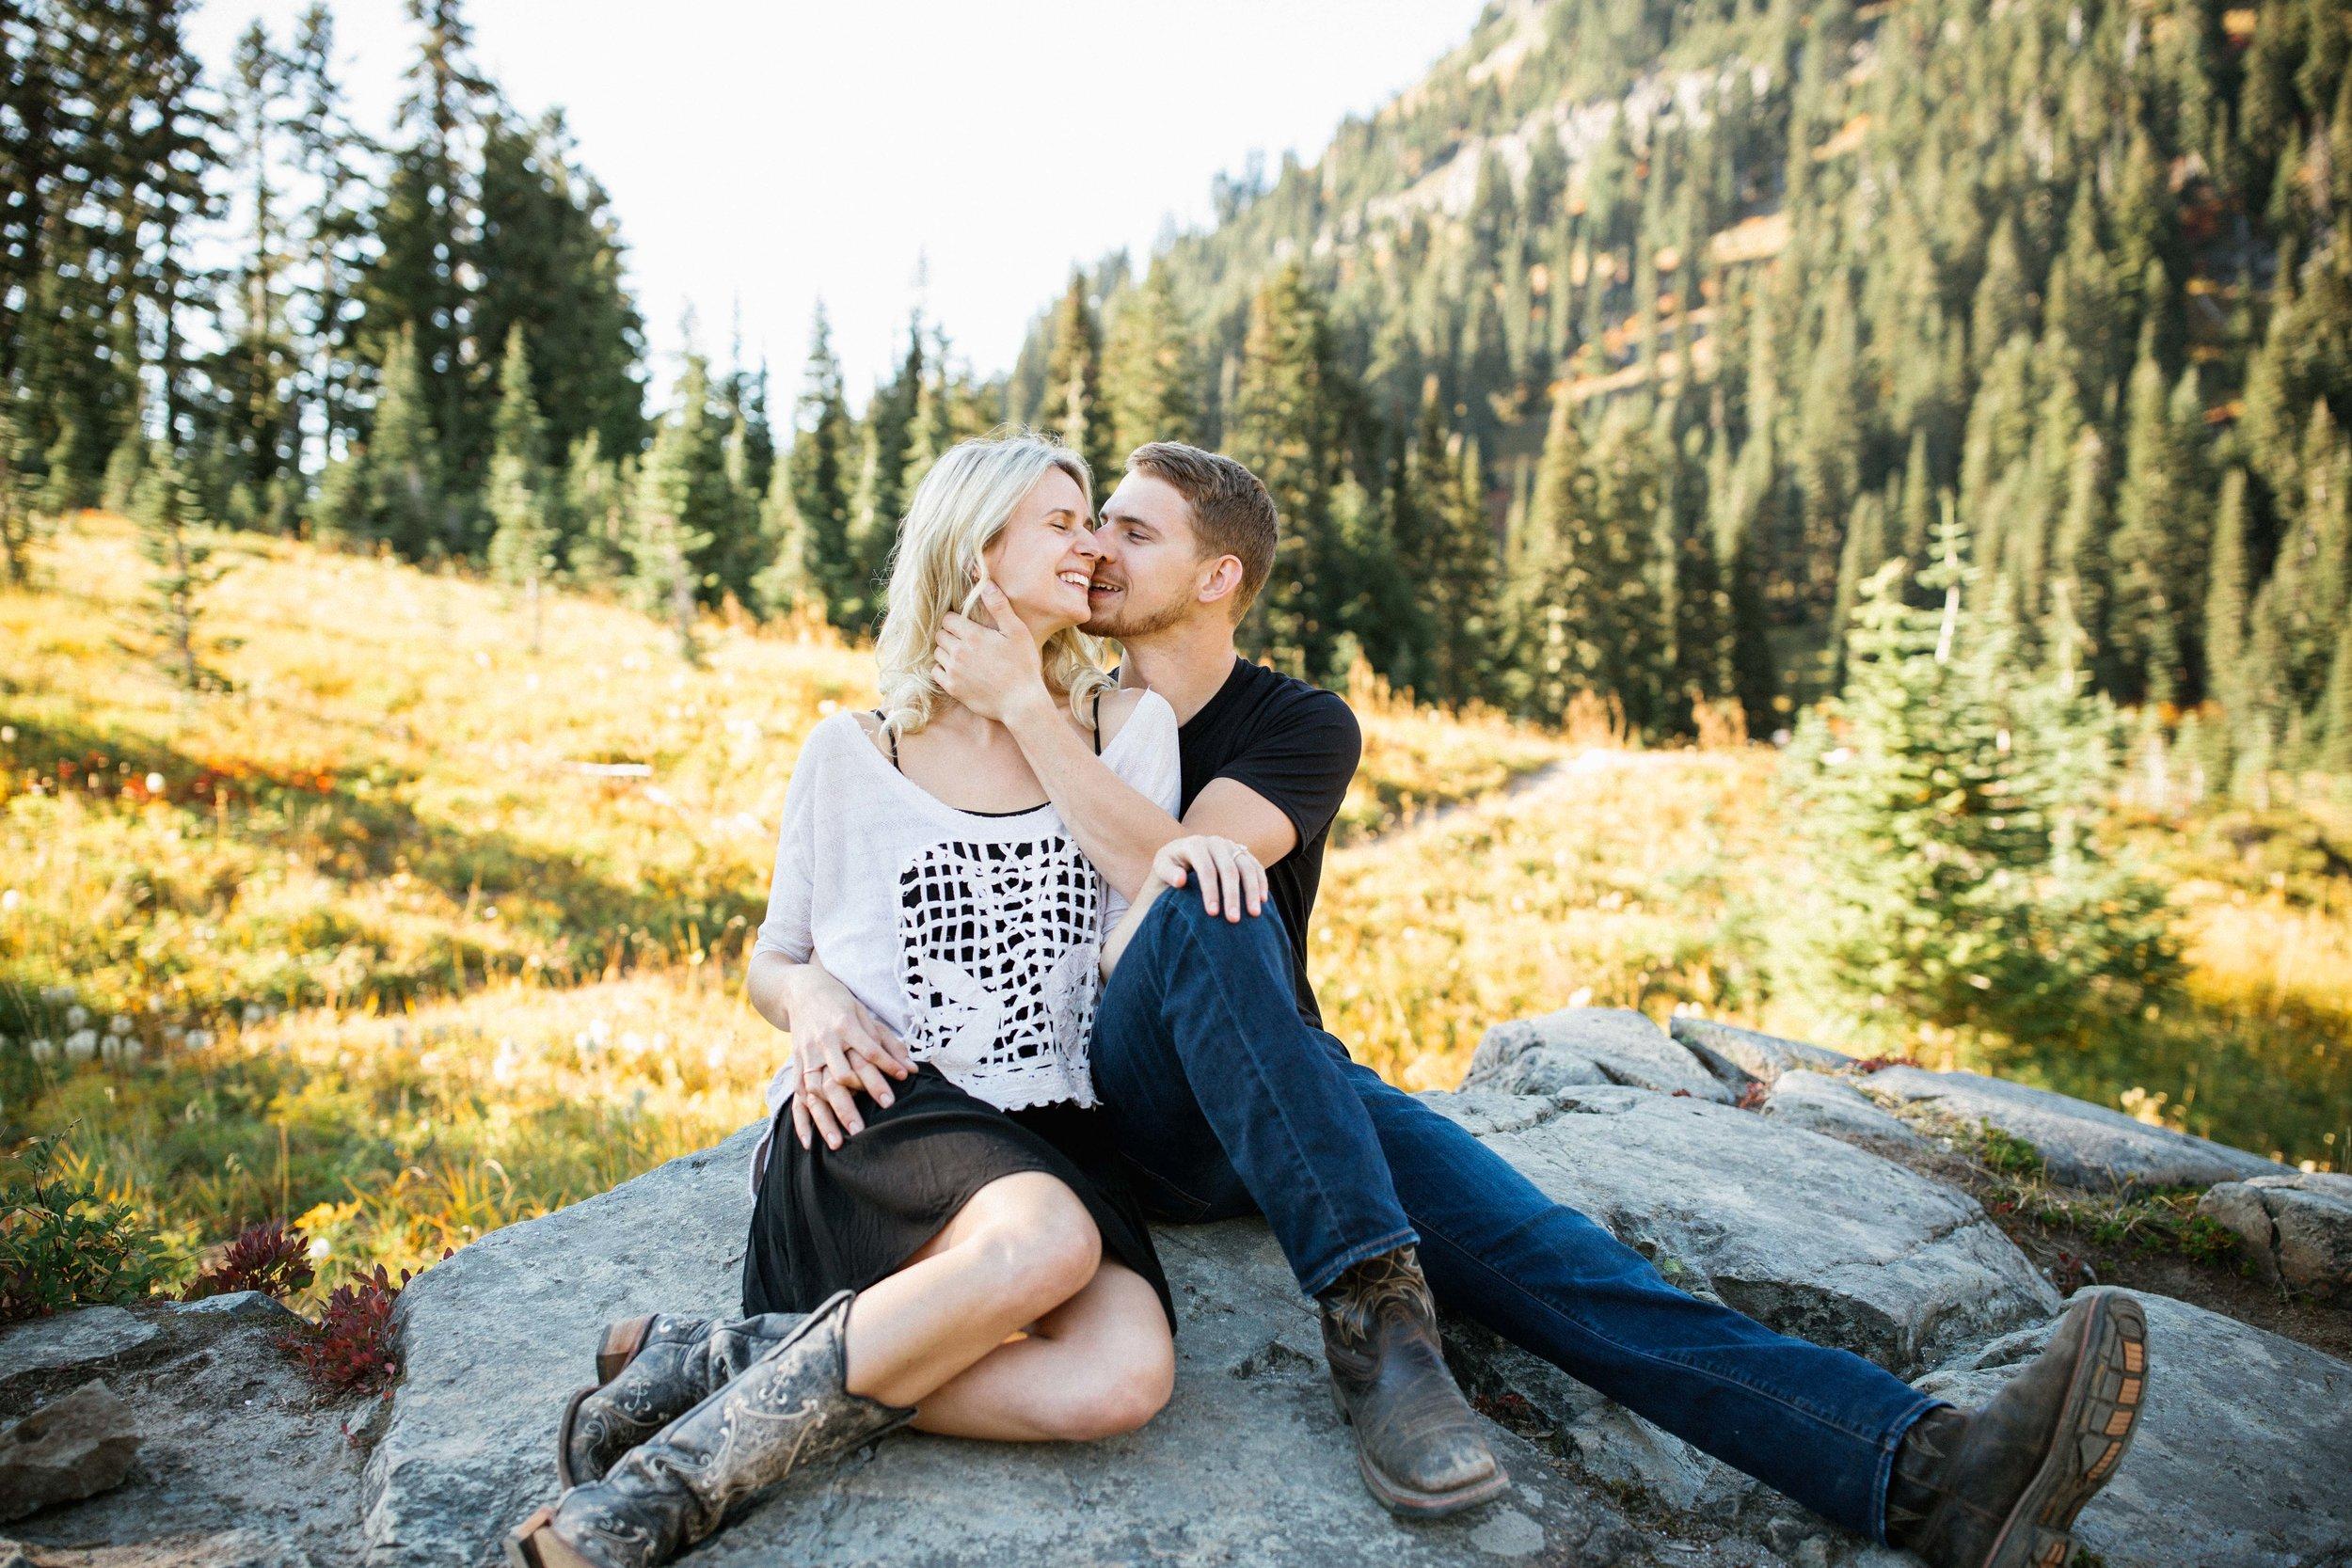 Alexis&Kyle-Engaged!BLOG-36.jpg